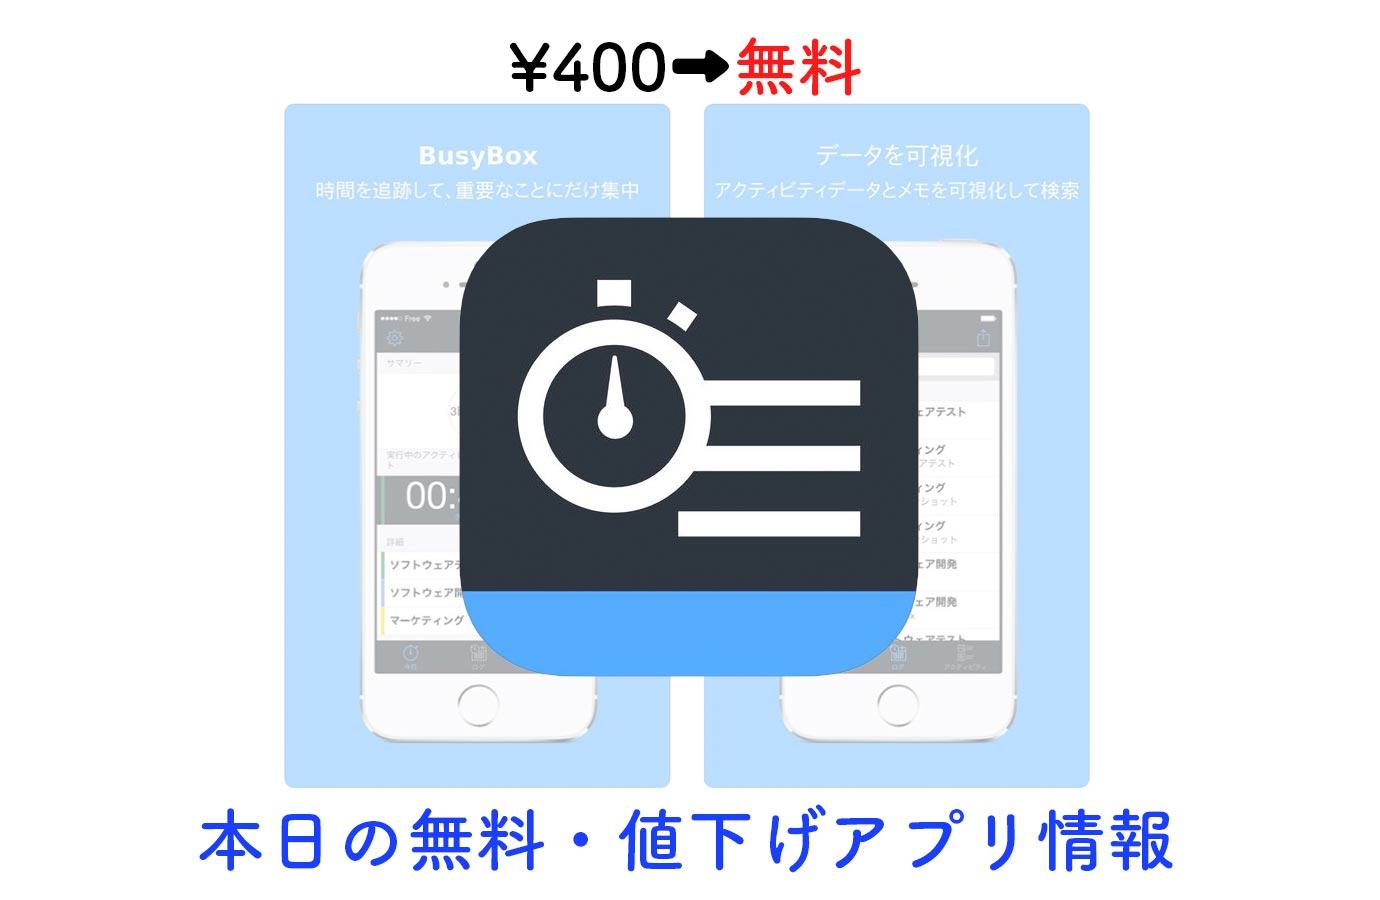 400円→無料、時間の使い方を記録・可視化できるライフログアプリ「BusyBox」など【4/24】セールアプリ情報